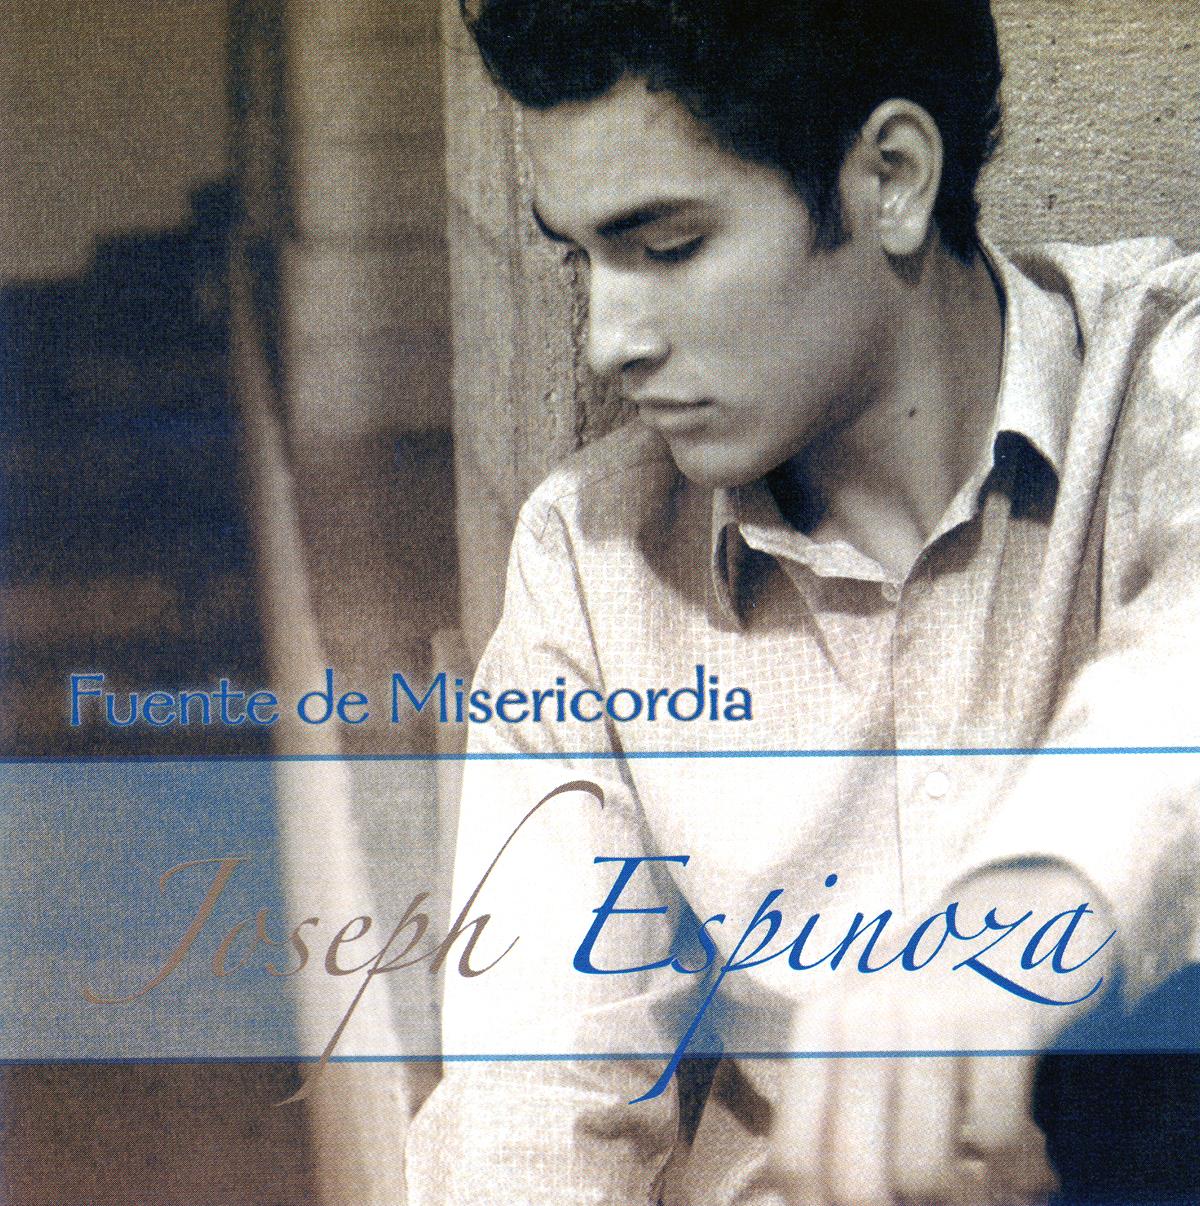 Joseph Espinoza-Fuente De Misericordia-